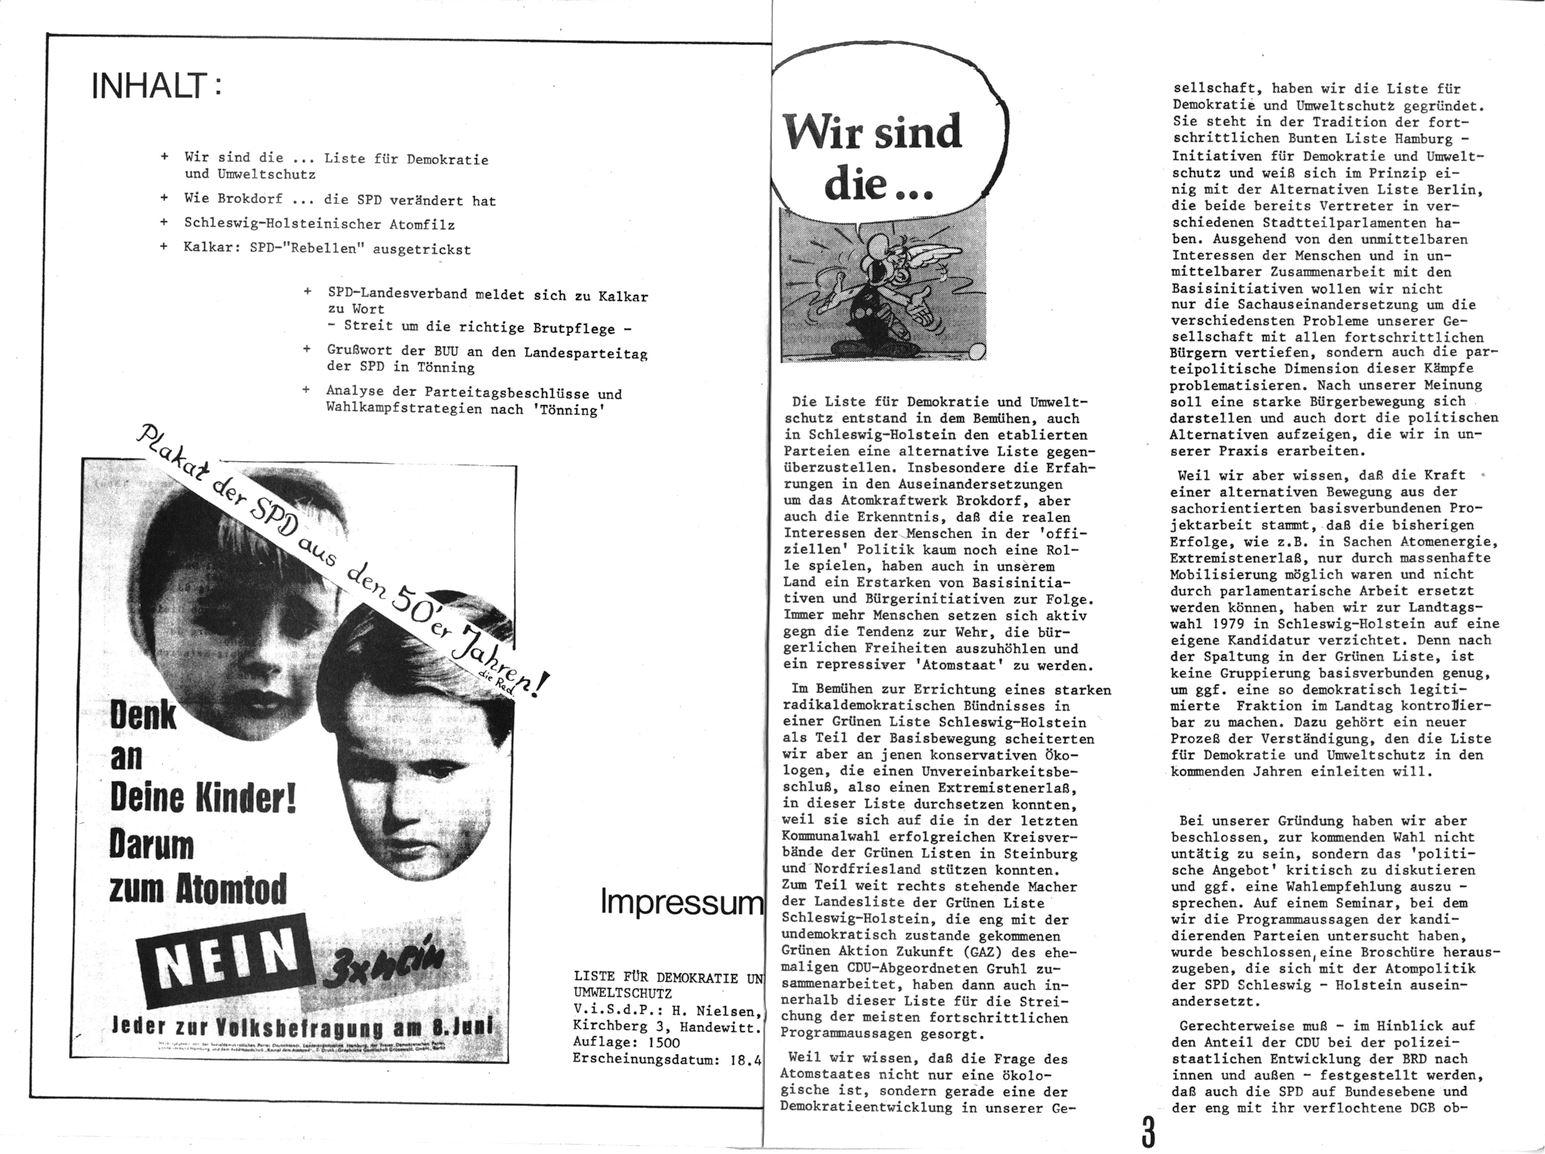 Schleswig_Holstein_Atompolitik_der_SPD_02